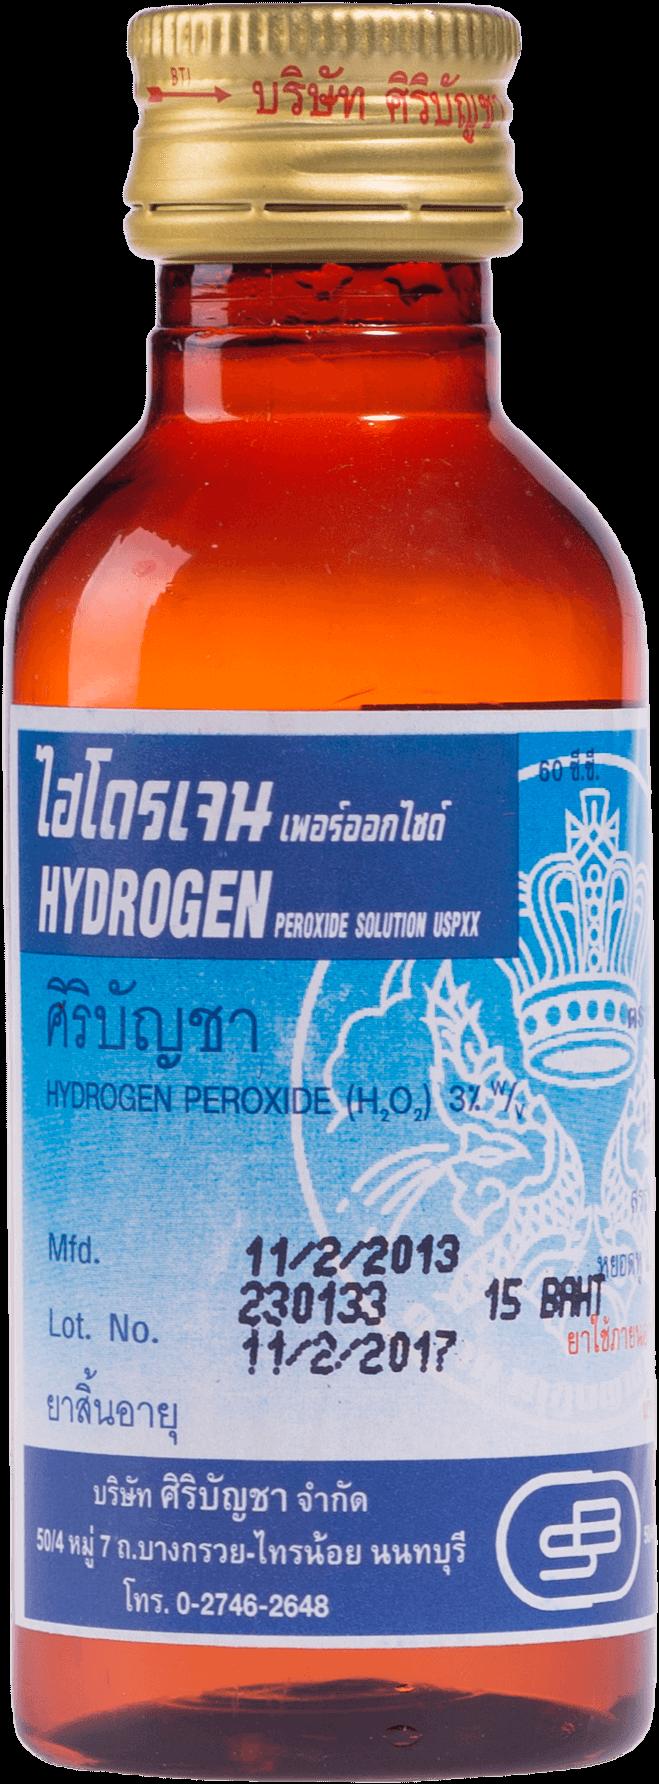 ยาล้างแผล ไฮโดรเจน 60 cc.